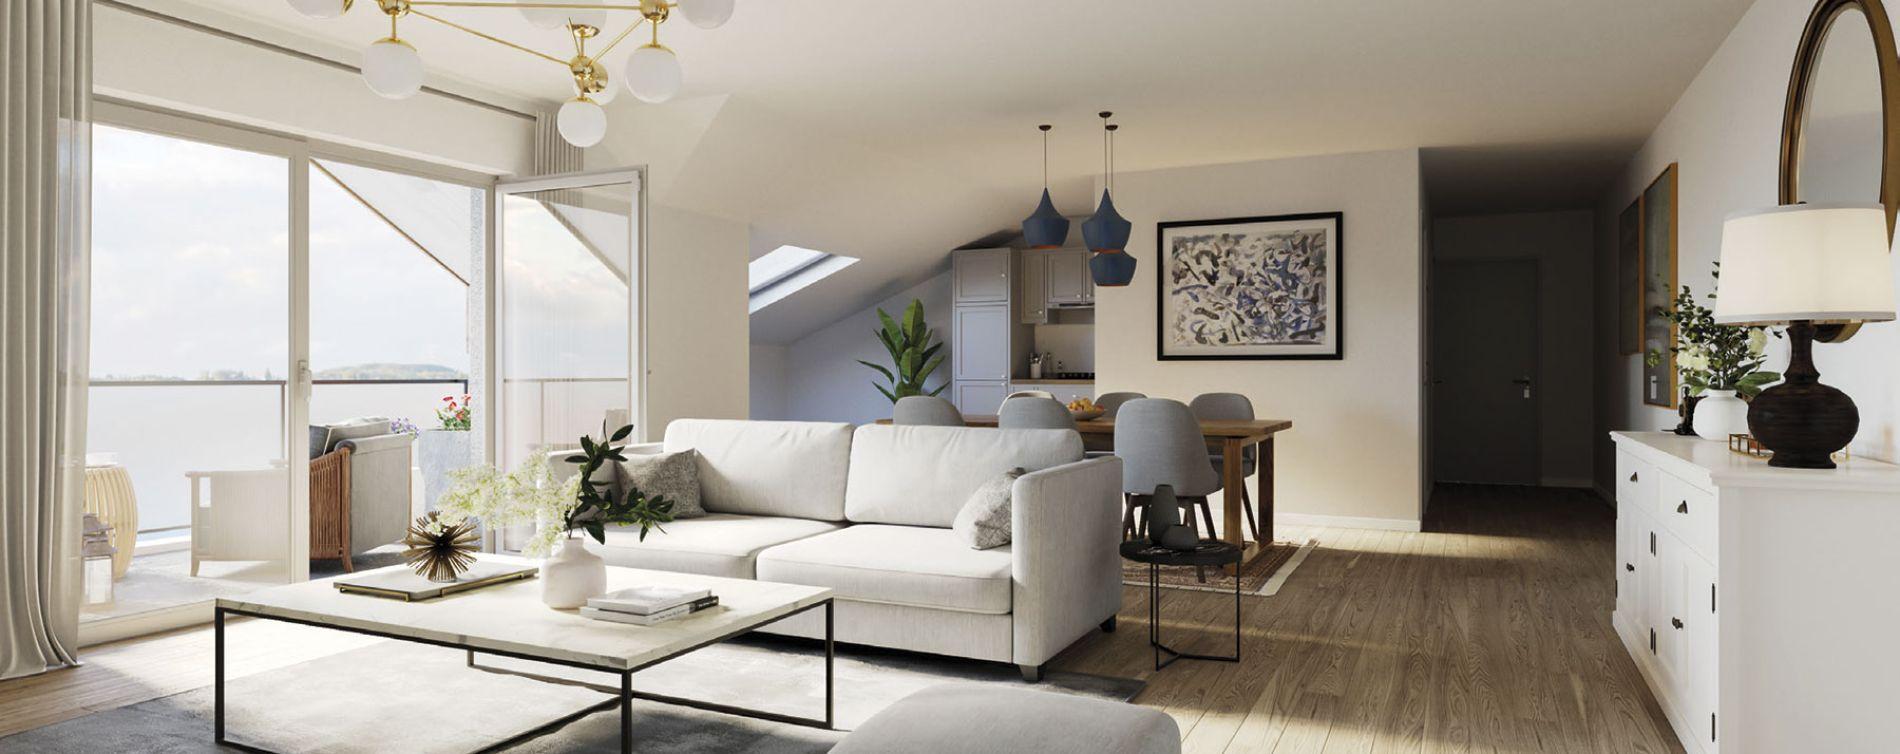 Saint-Jean-de-Monts : programme immobilier neuve « Luminéa » (4)